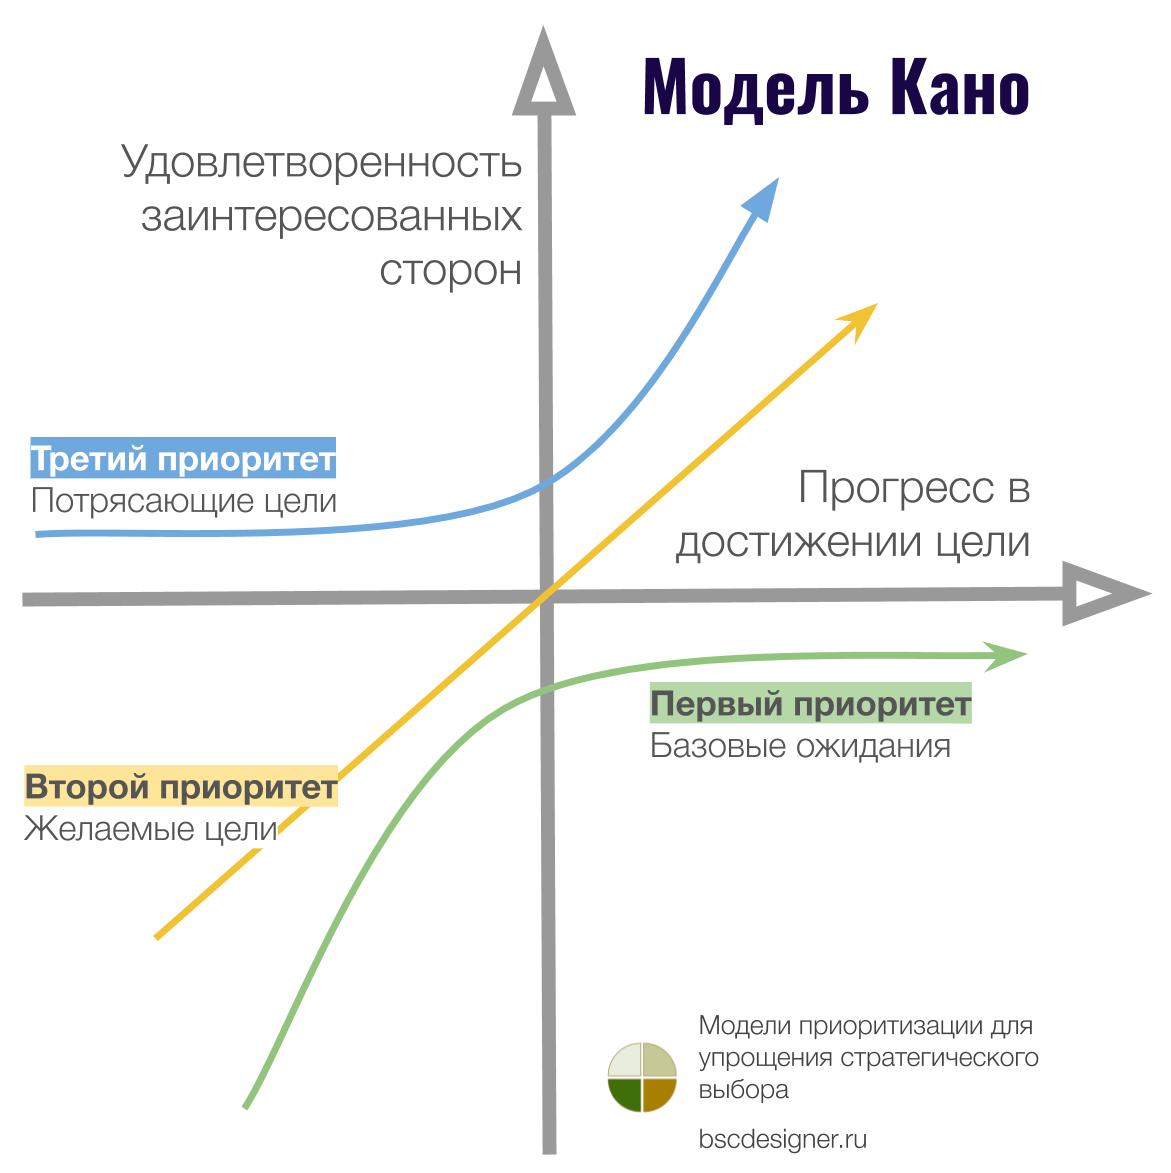 График модели Кано